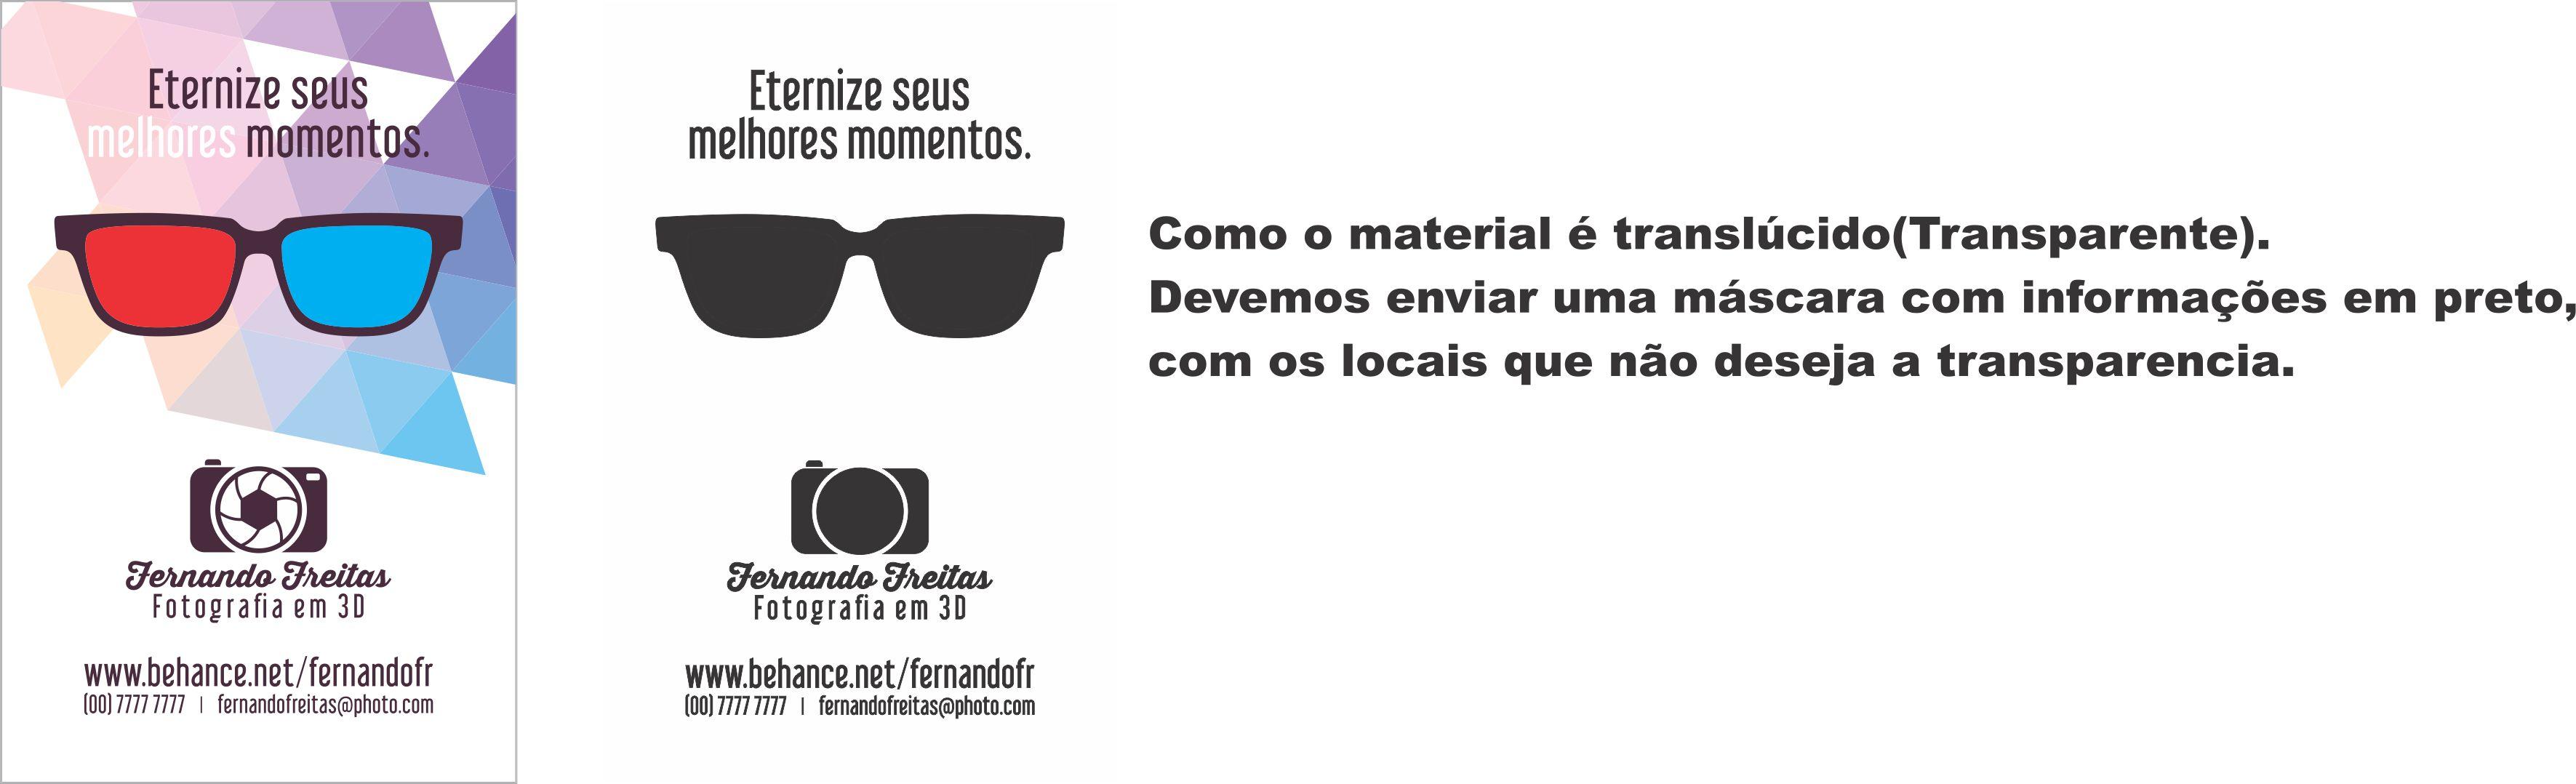 Cartão-de-Visita-PVC-03-Transparente-8,5x5,4-cm-4x0